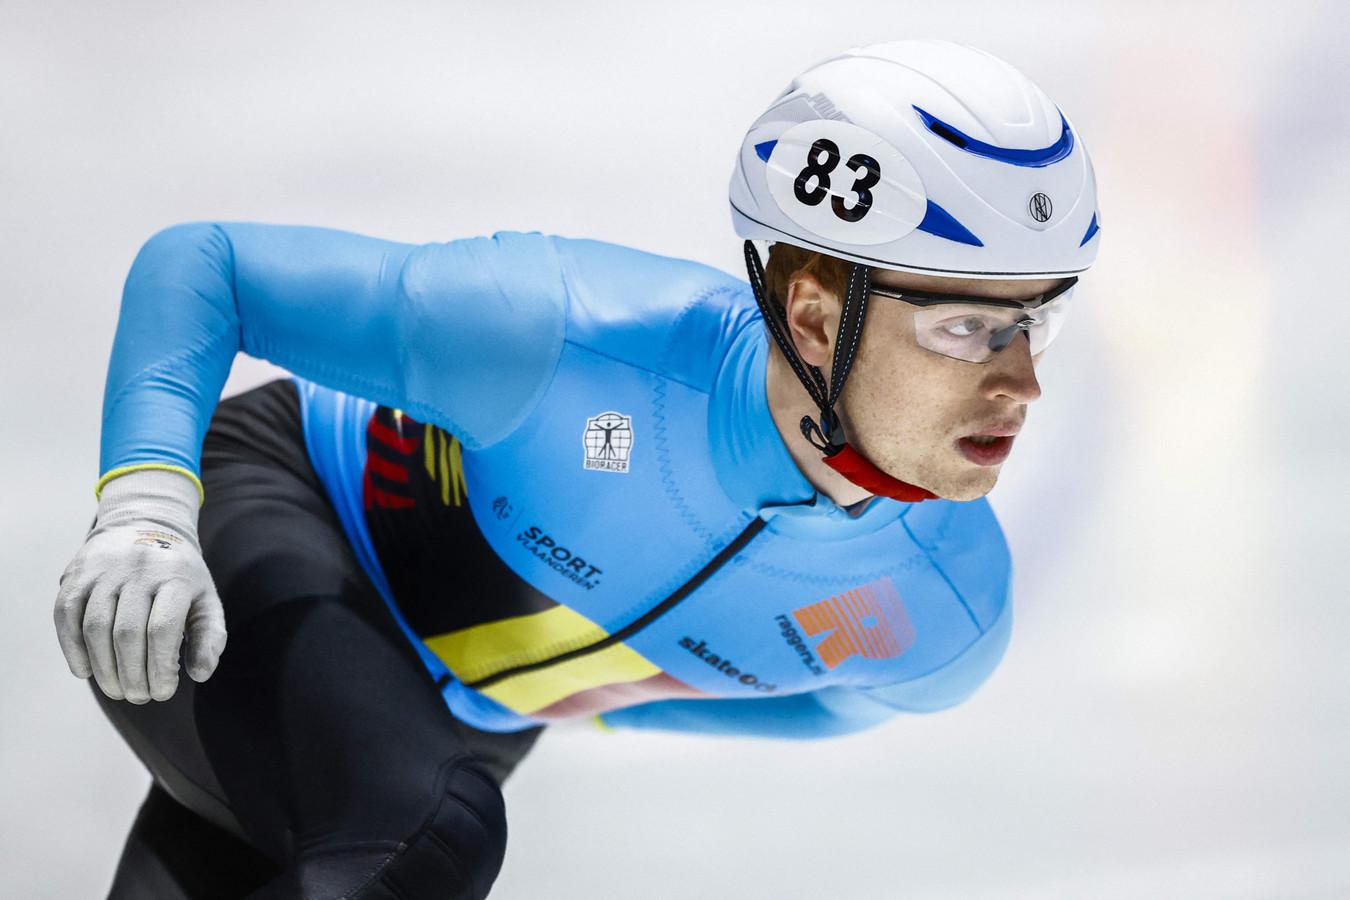 """Rino Vanhooren: """"Ik kan het alleen maar positief bekijken, want ik heb een persoonlijk record geschaatst op de 500 meter."""""""